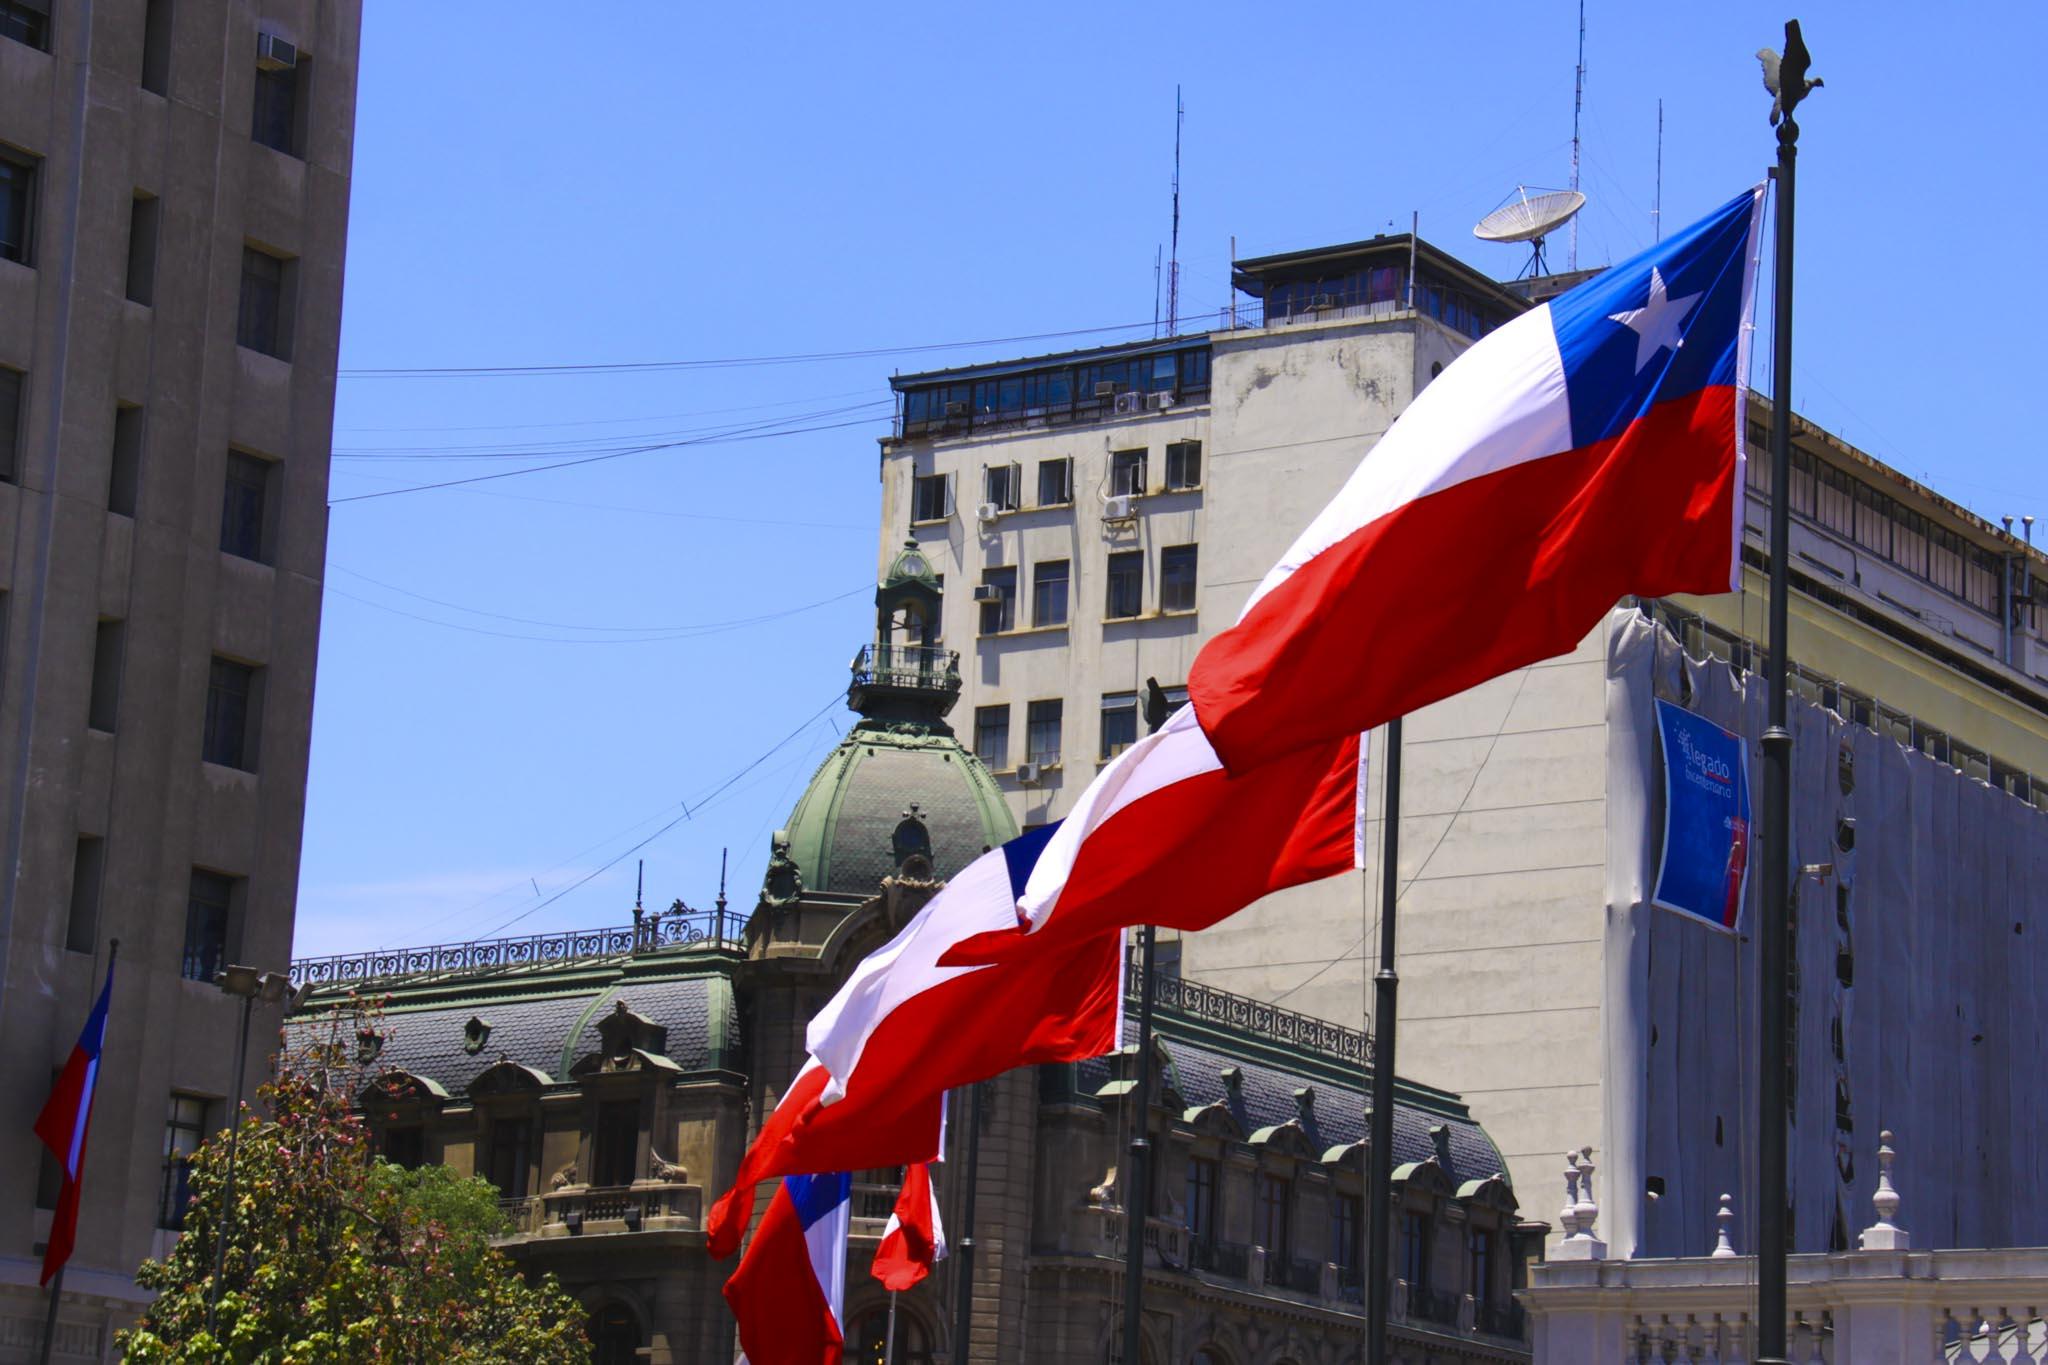 Centro, Santiago